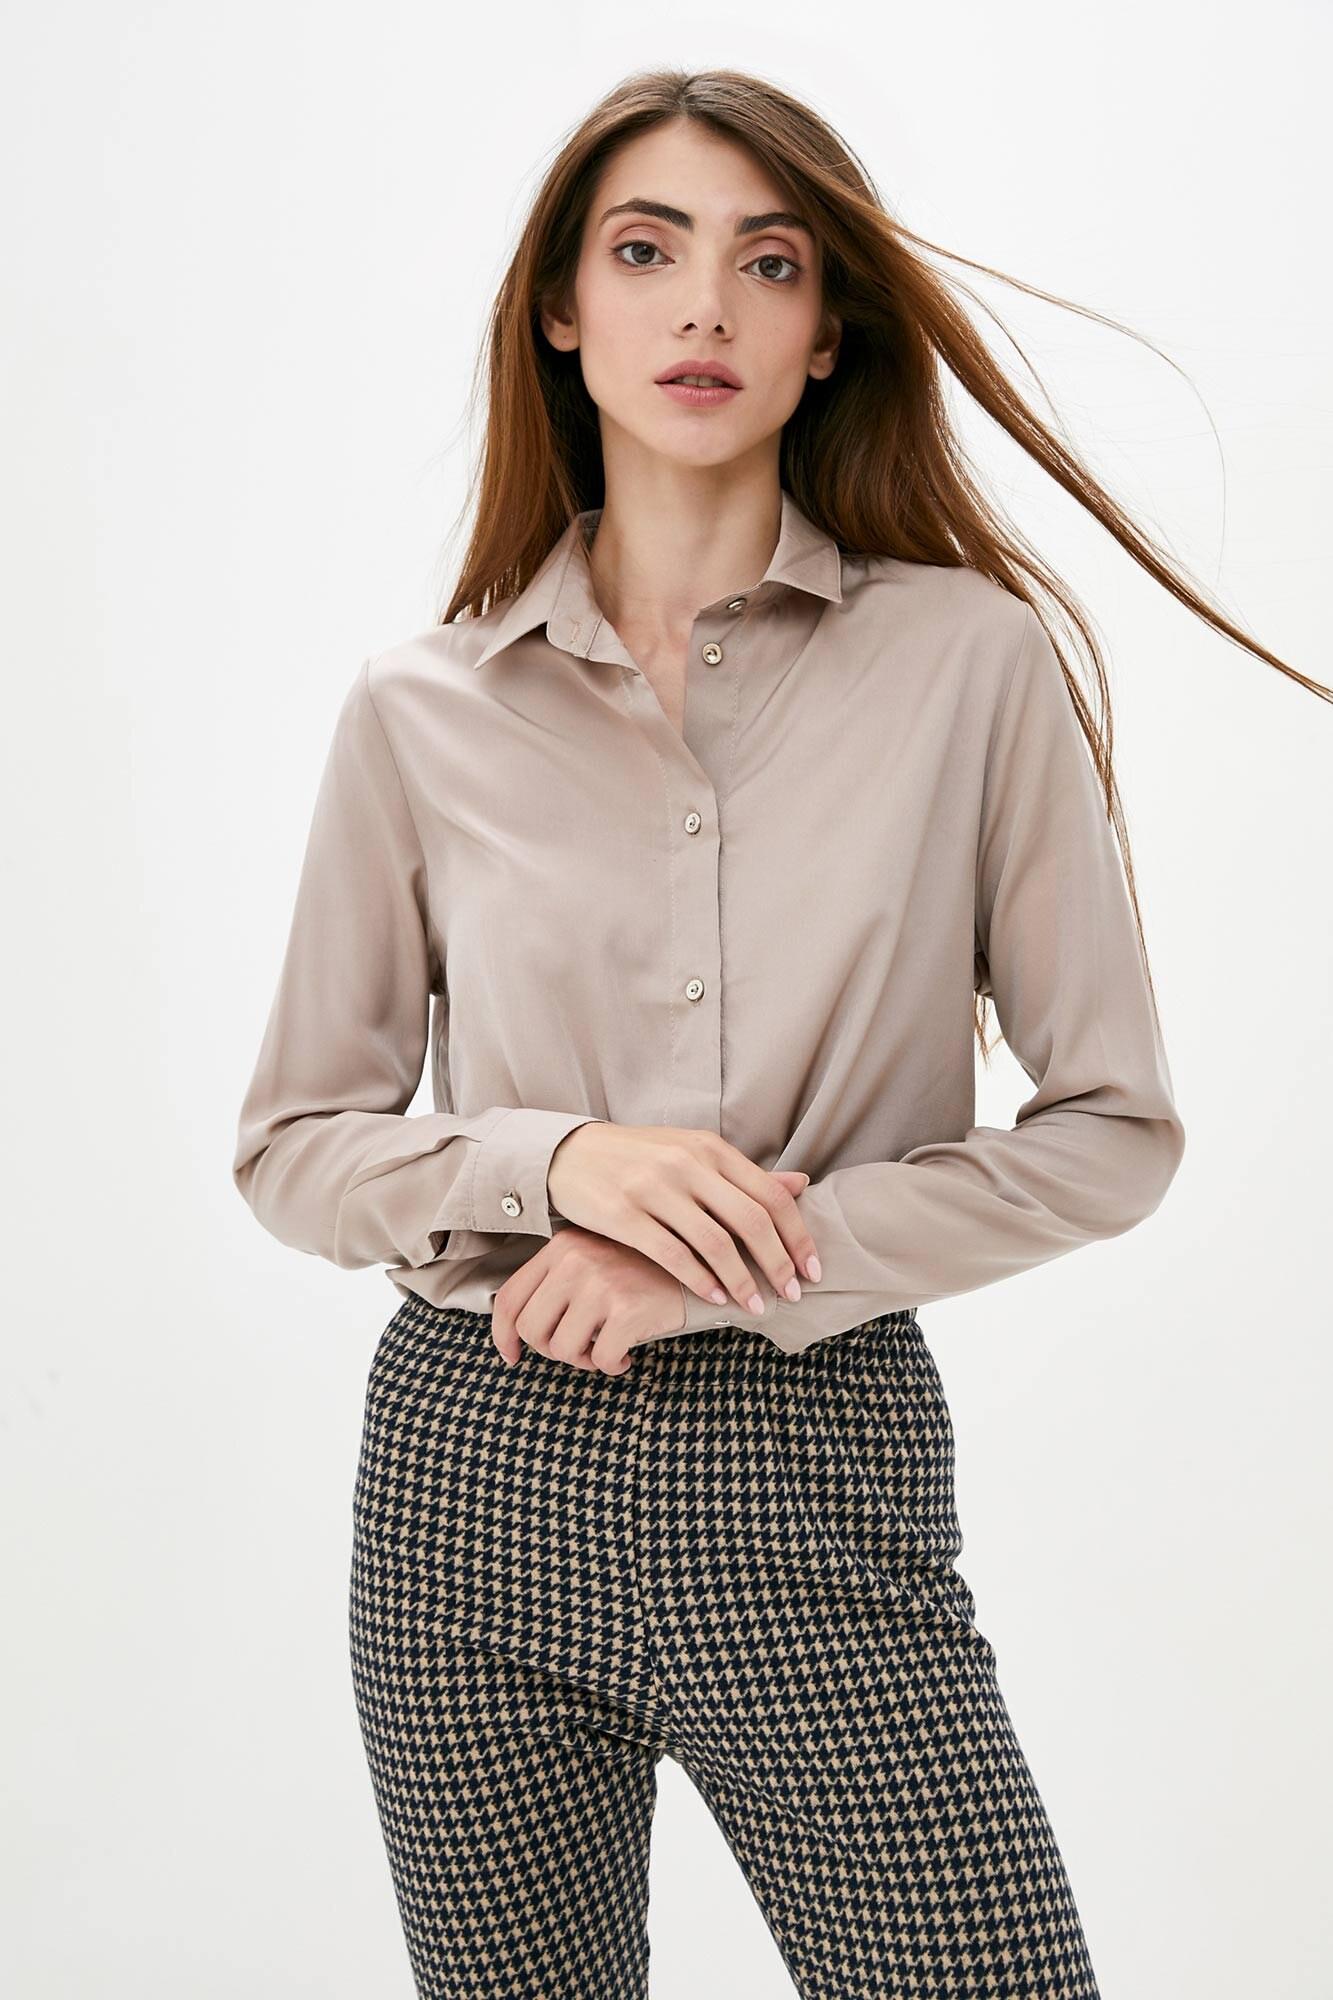 Тонкая оверсайз рубашка кофейного цвета с длинными рукавами